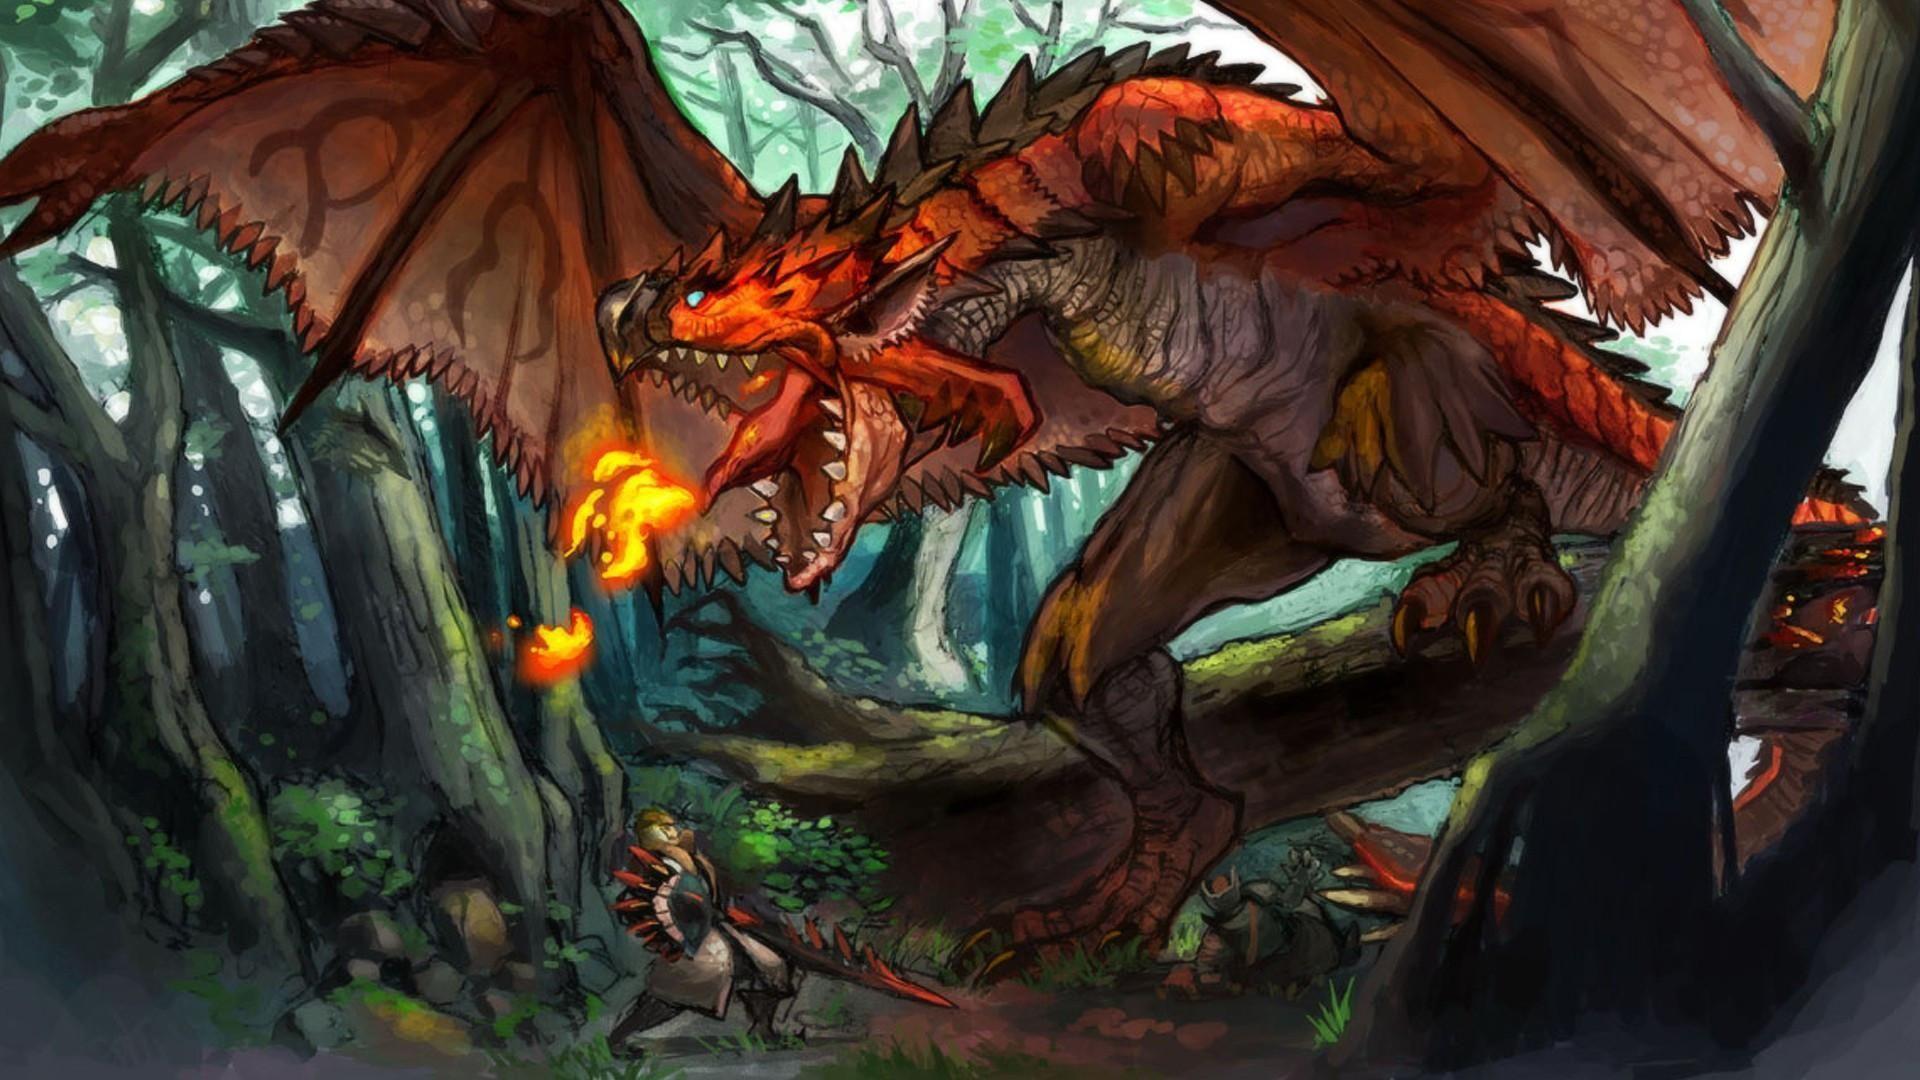 Rajang Monster Hunter Wallpaper Walldevil With Images Monster